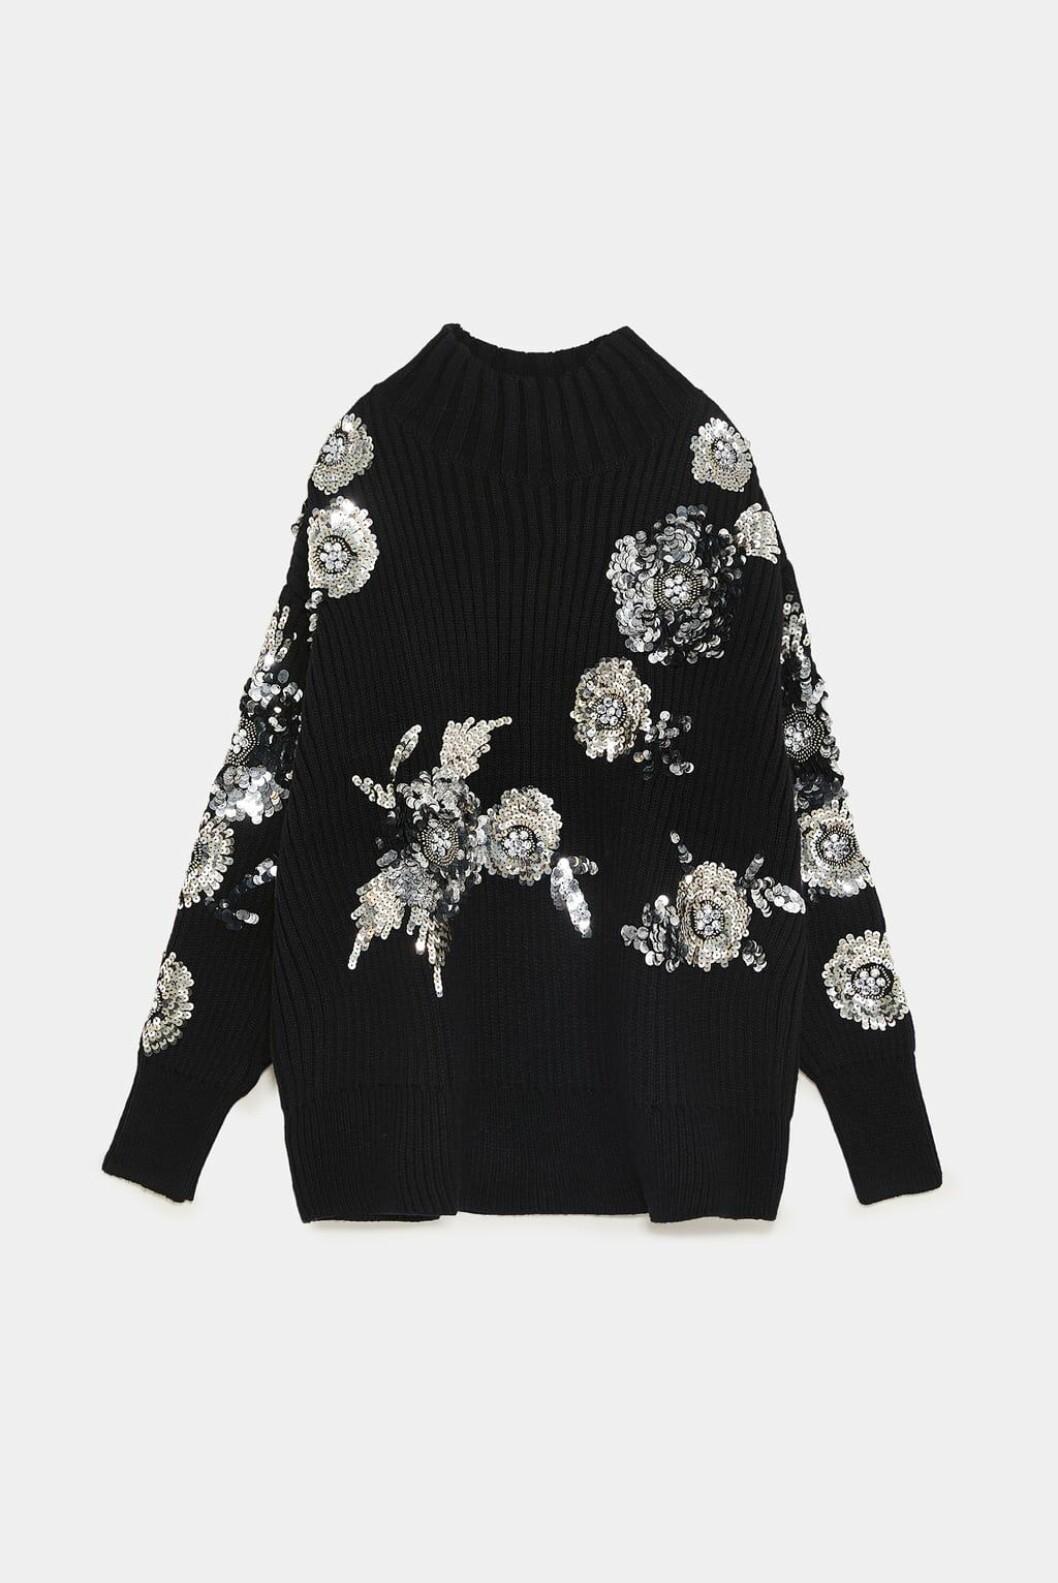 <strong>Genser fra Zara |650,-| https:</strong>//www.zara.com/no/no/genser-med-blomster-og-paljetter-p06206100.html?v1=7767465&v2=1074660